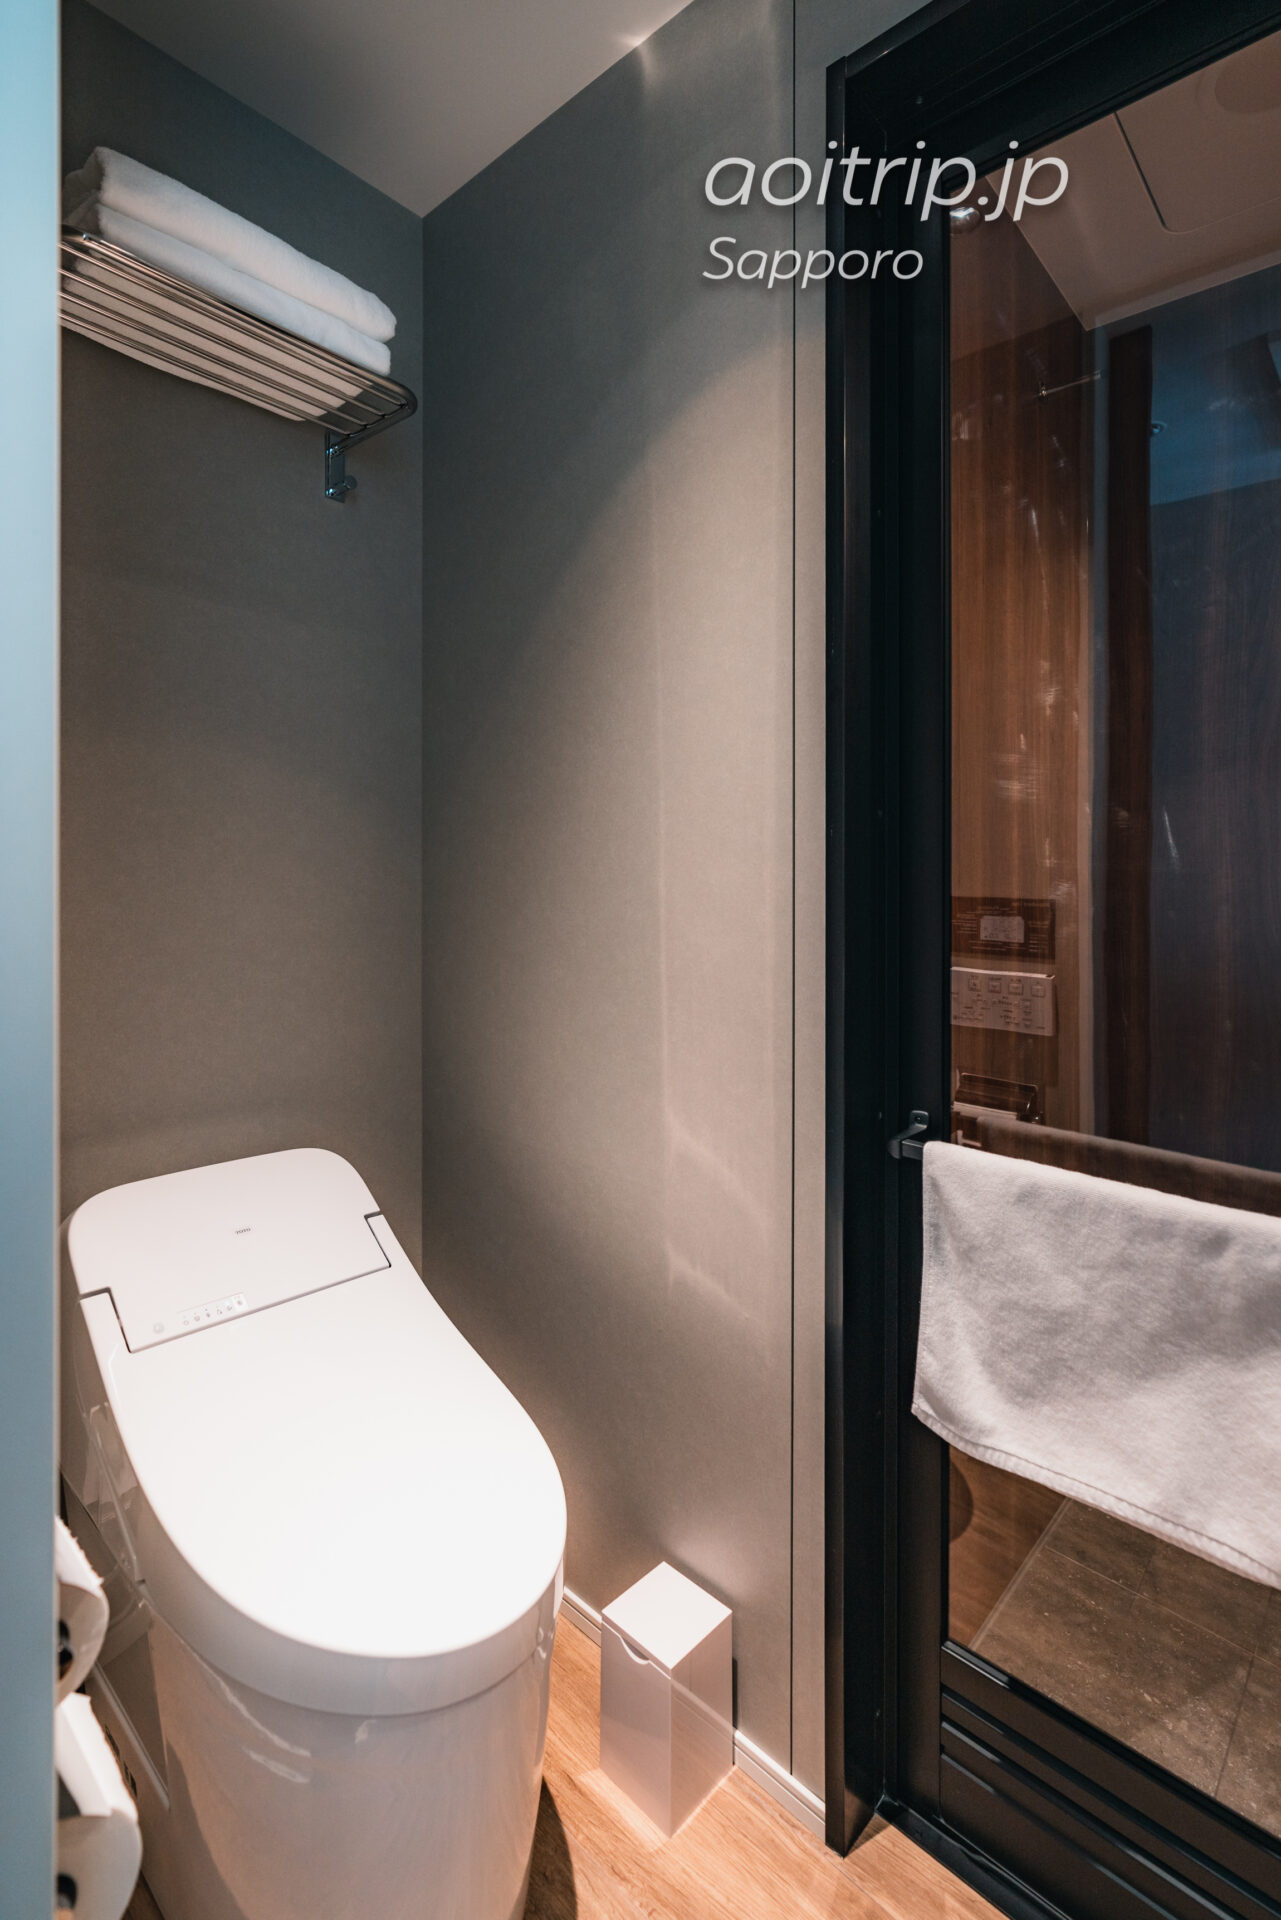 札幌グランベルホテル 客室のトイレ